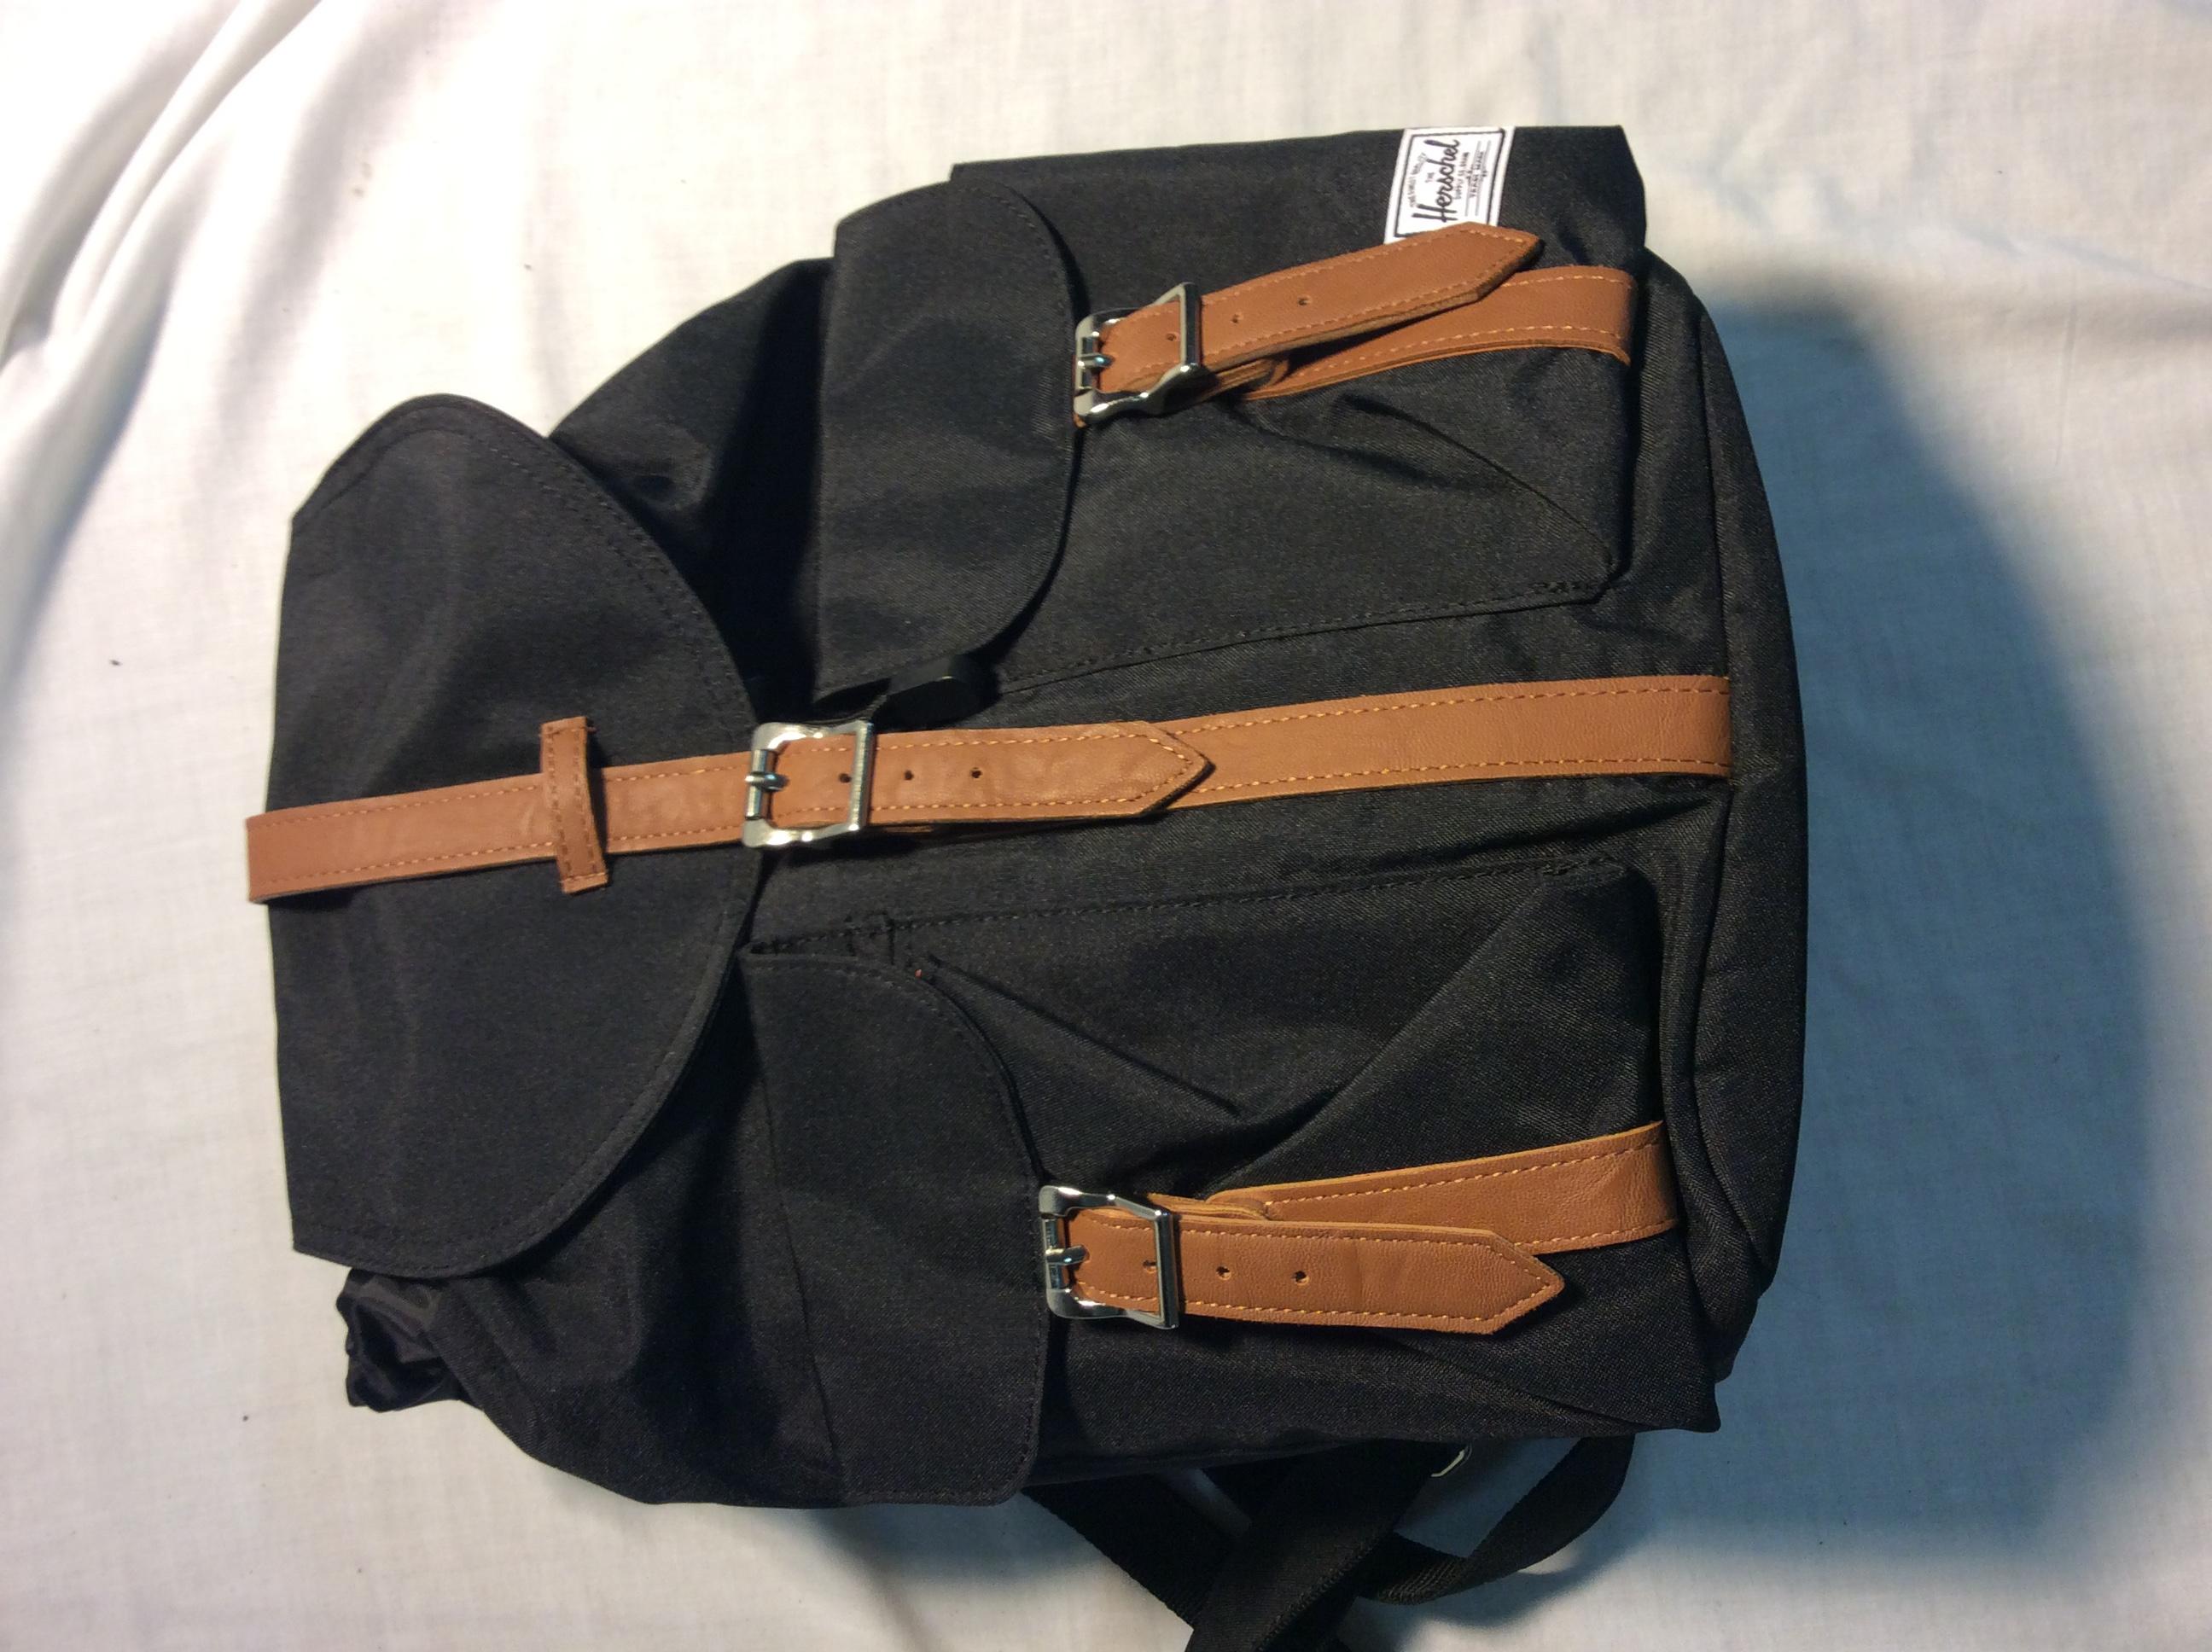 Small black Herschel backpack